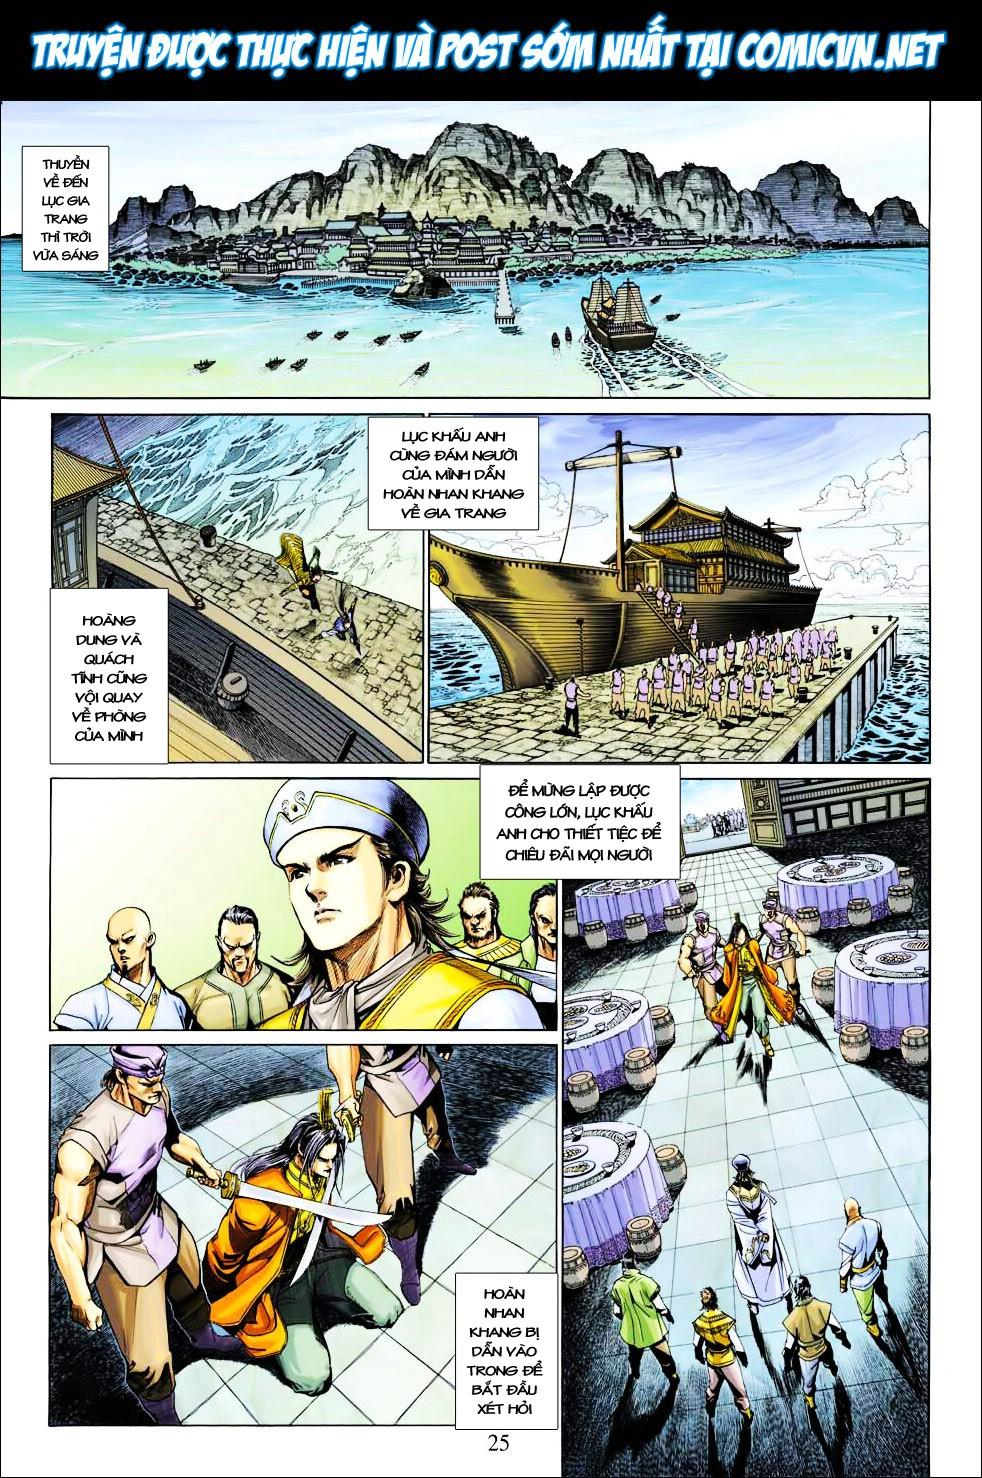 Anh Hùng Xạ Điêu anh hùng xạ đêu chap 27 trang 25